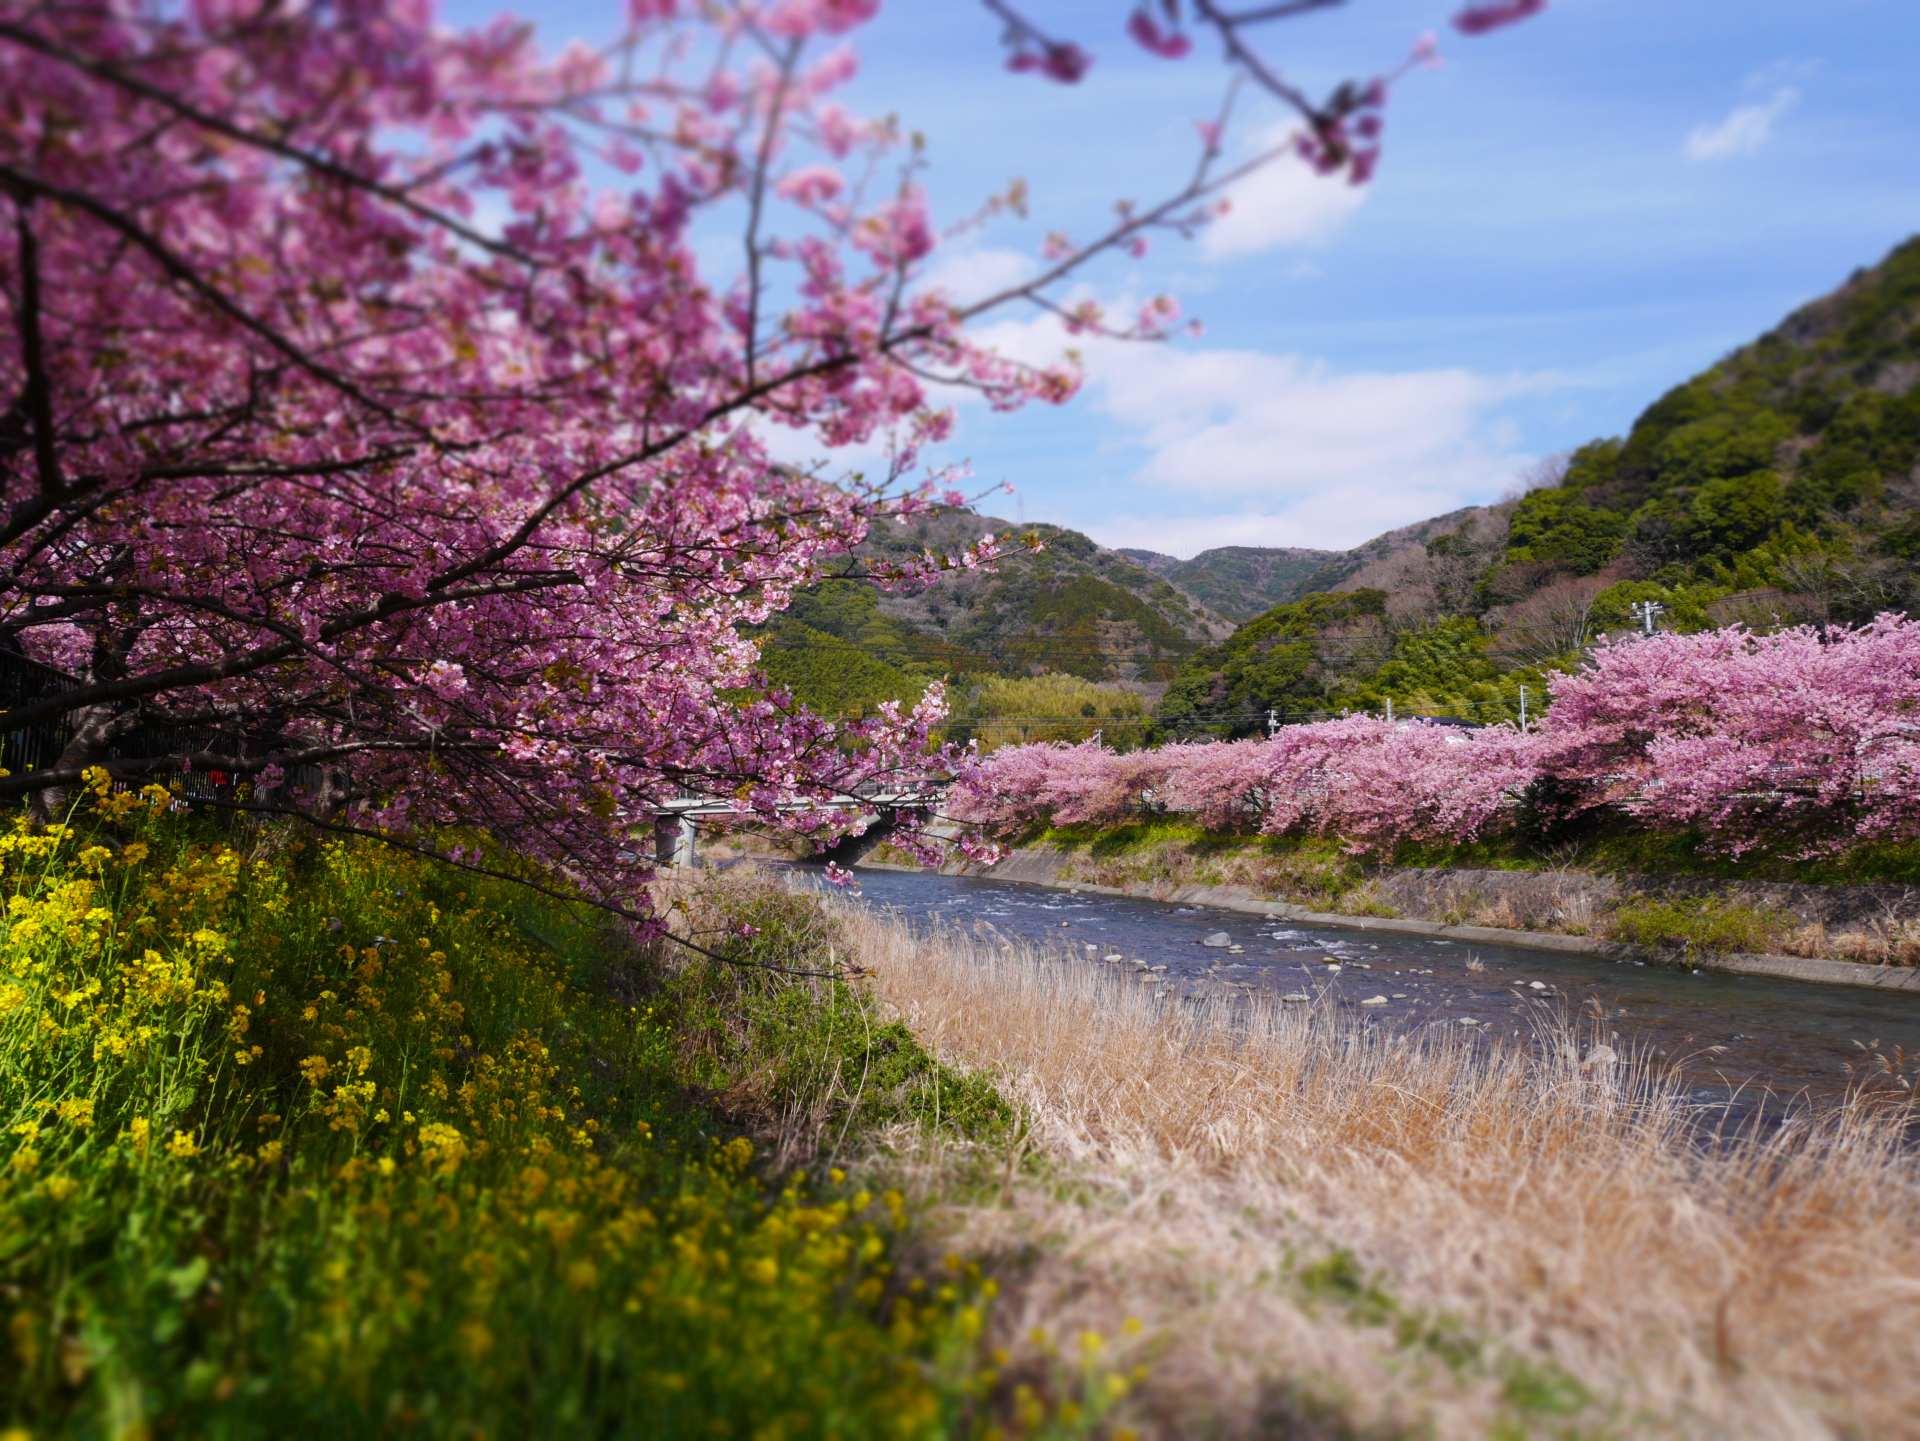 河川下游的河津櫻粉色更深